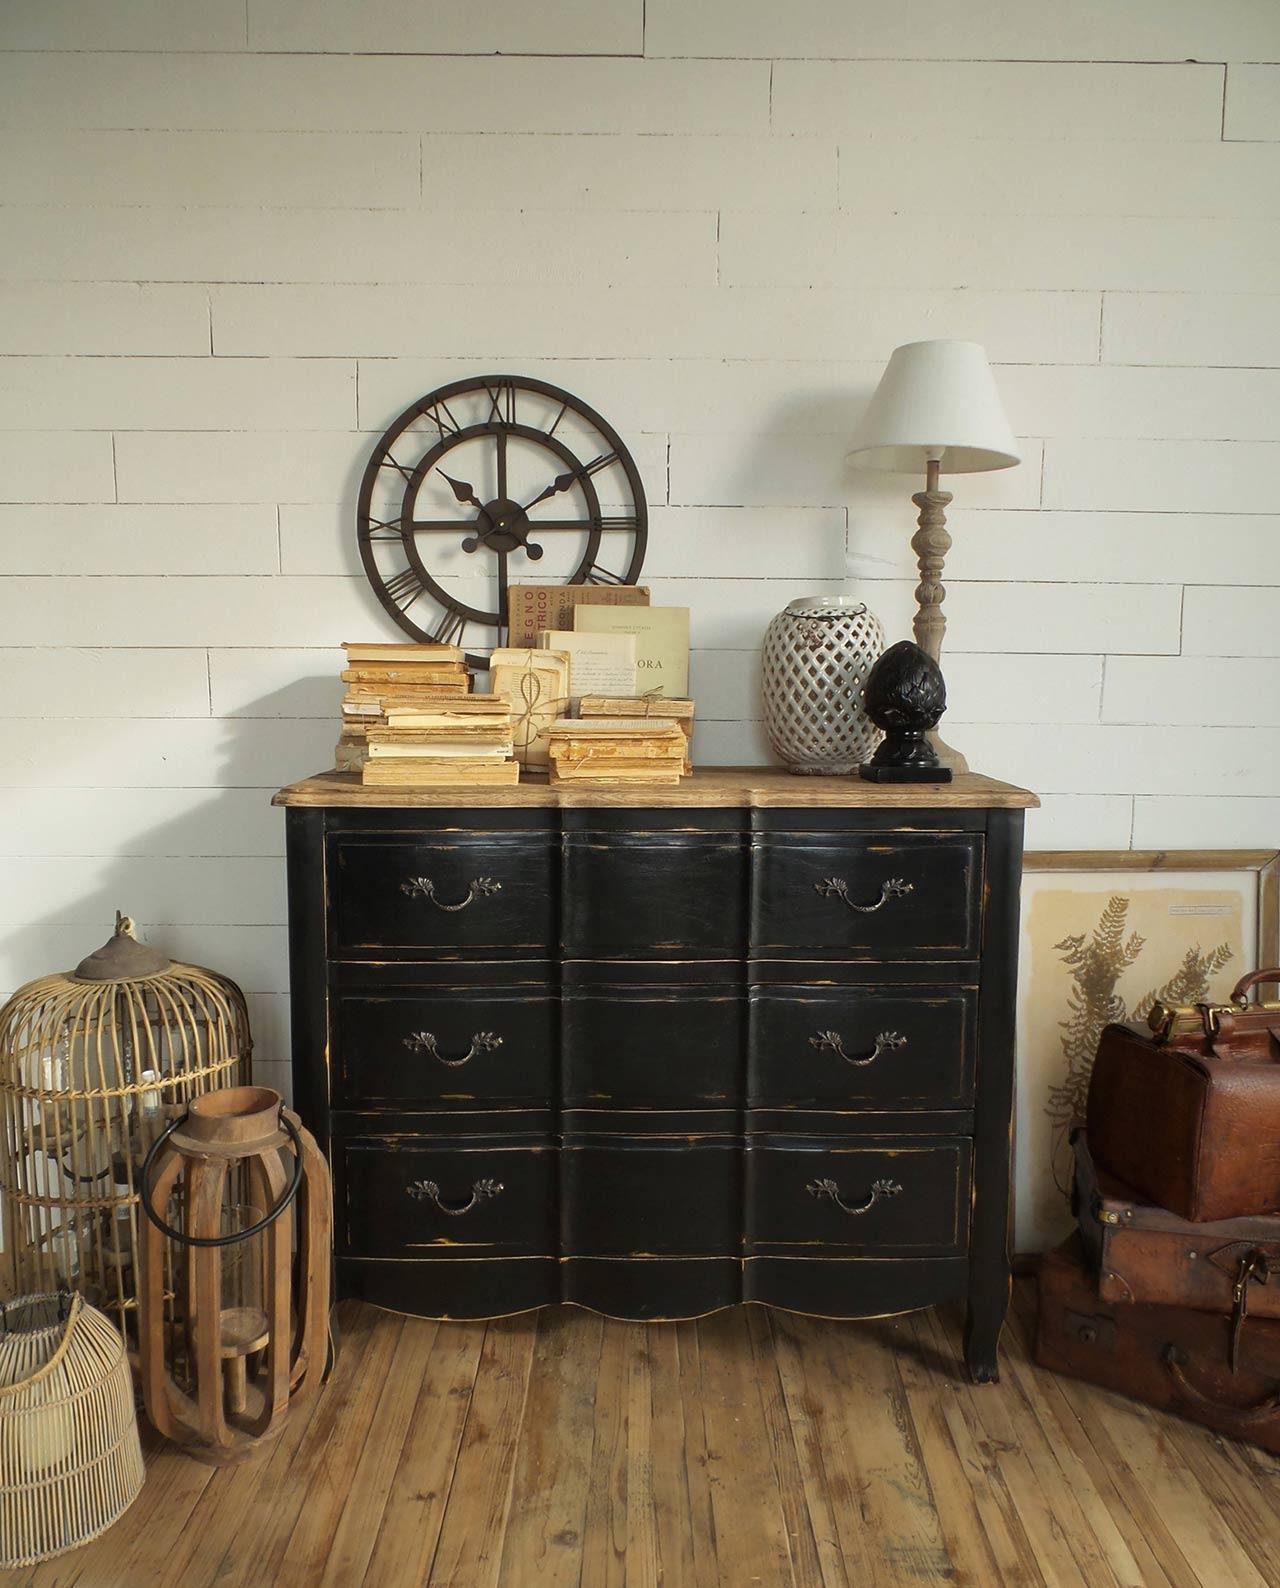 Cassettiera 3 cassetti in legno nero vintage mobilia for Mobilia recensioni